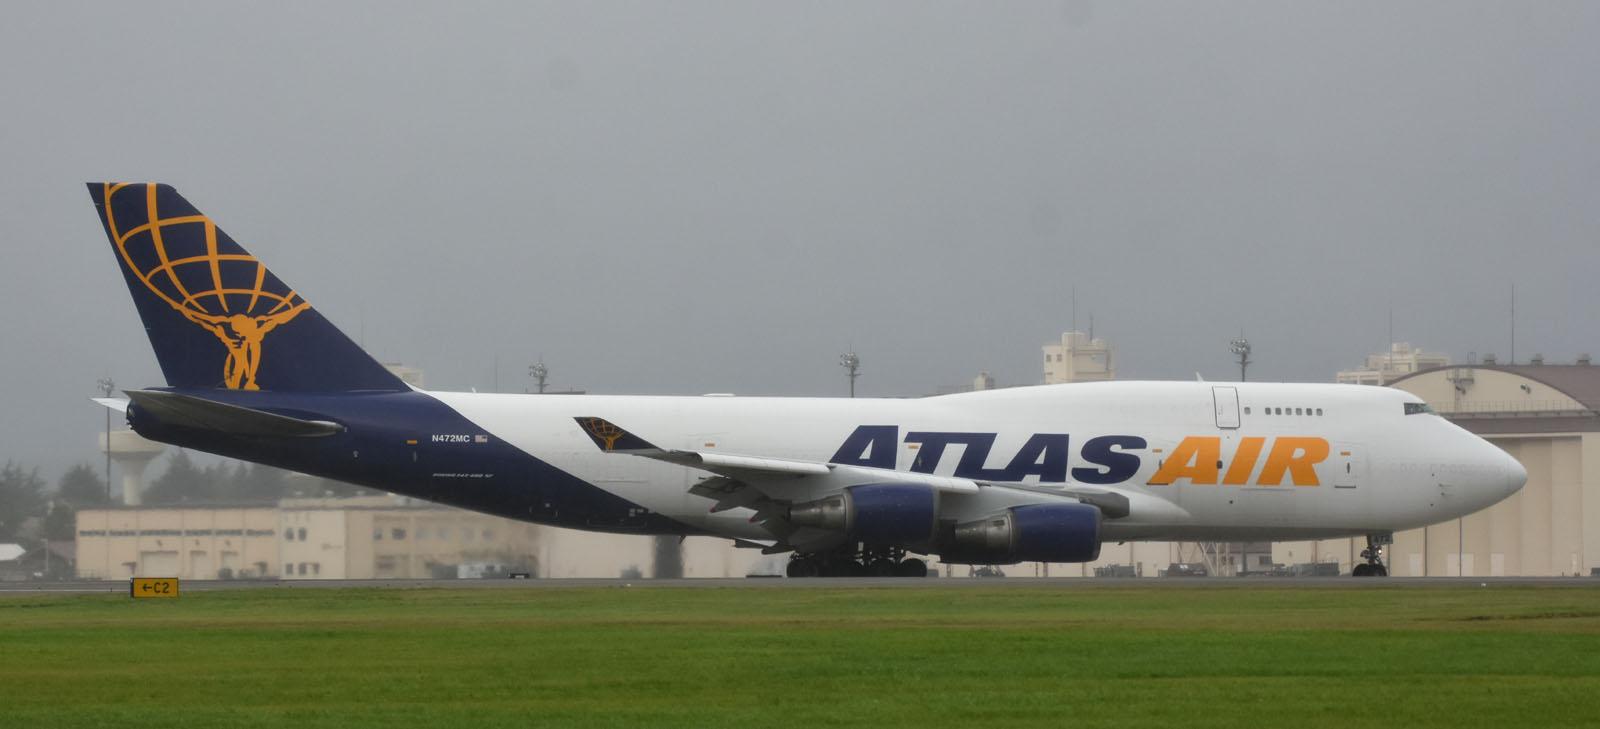 Atlas180808g357